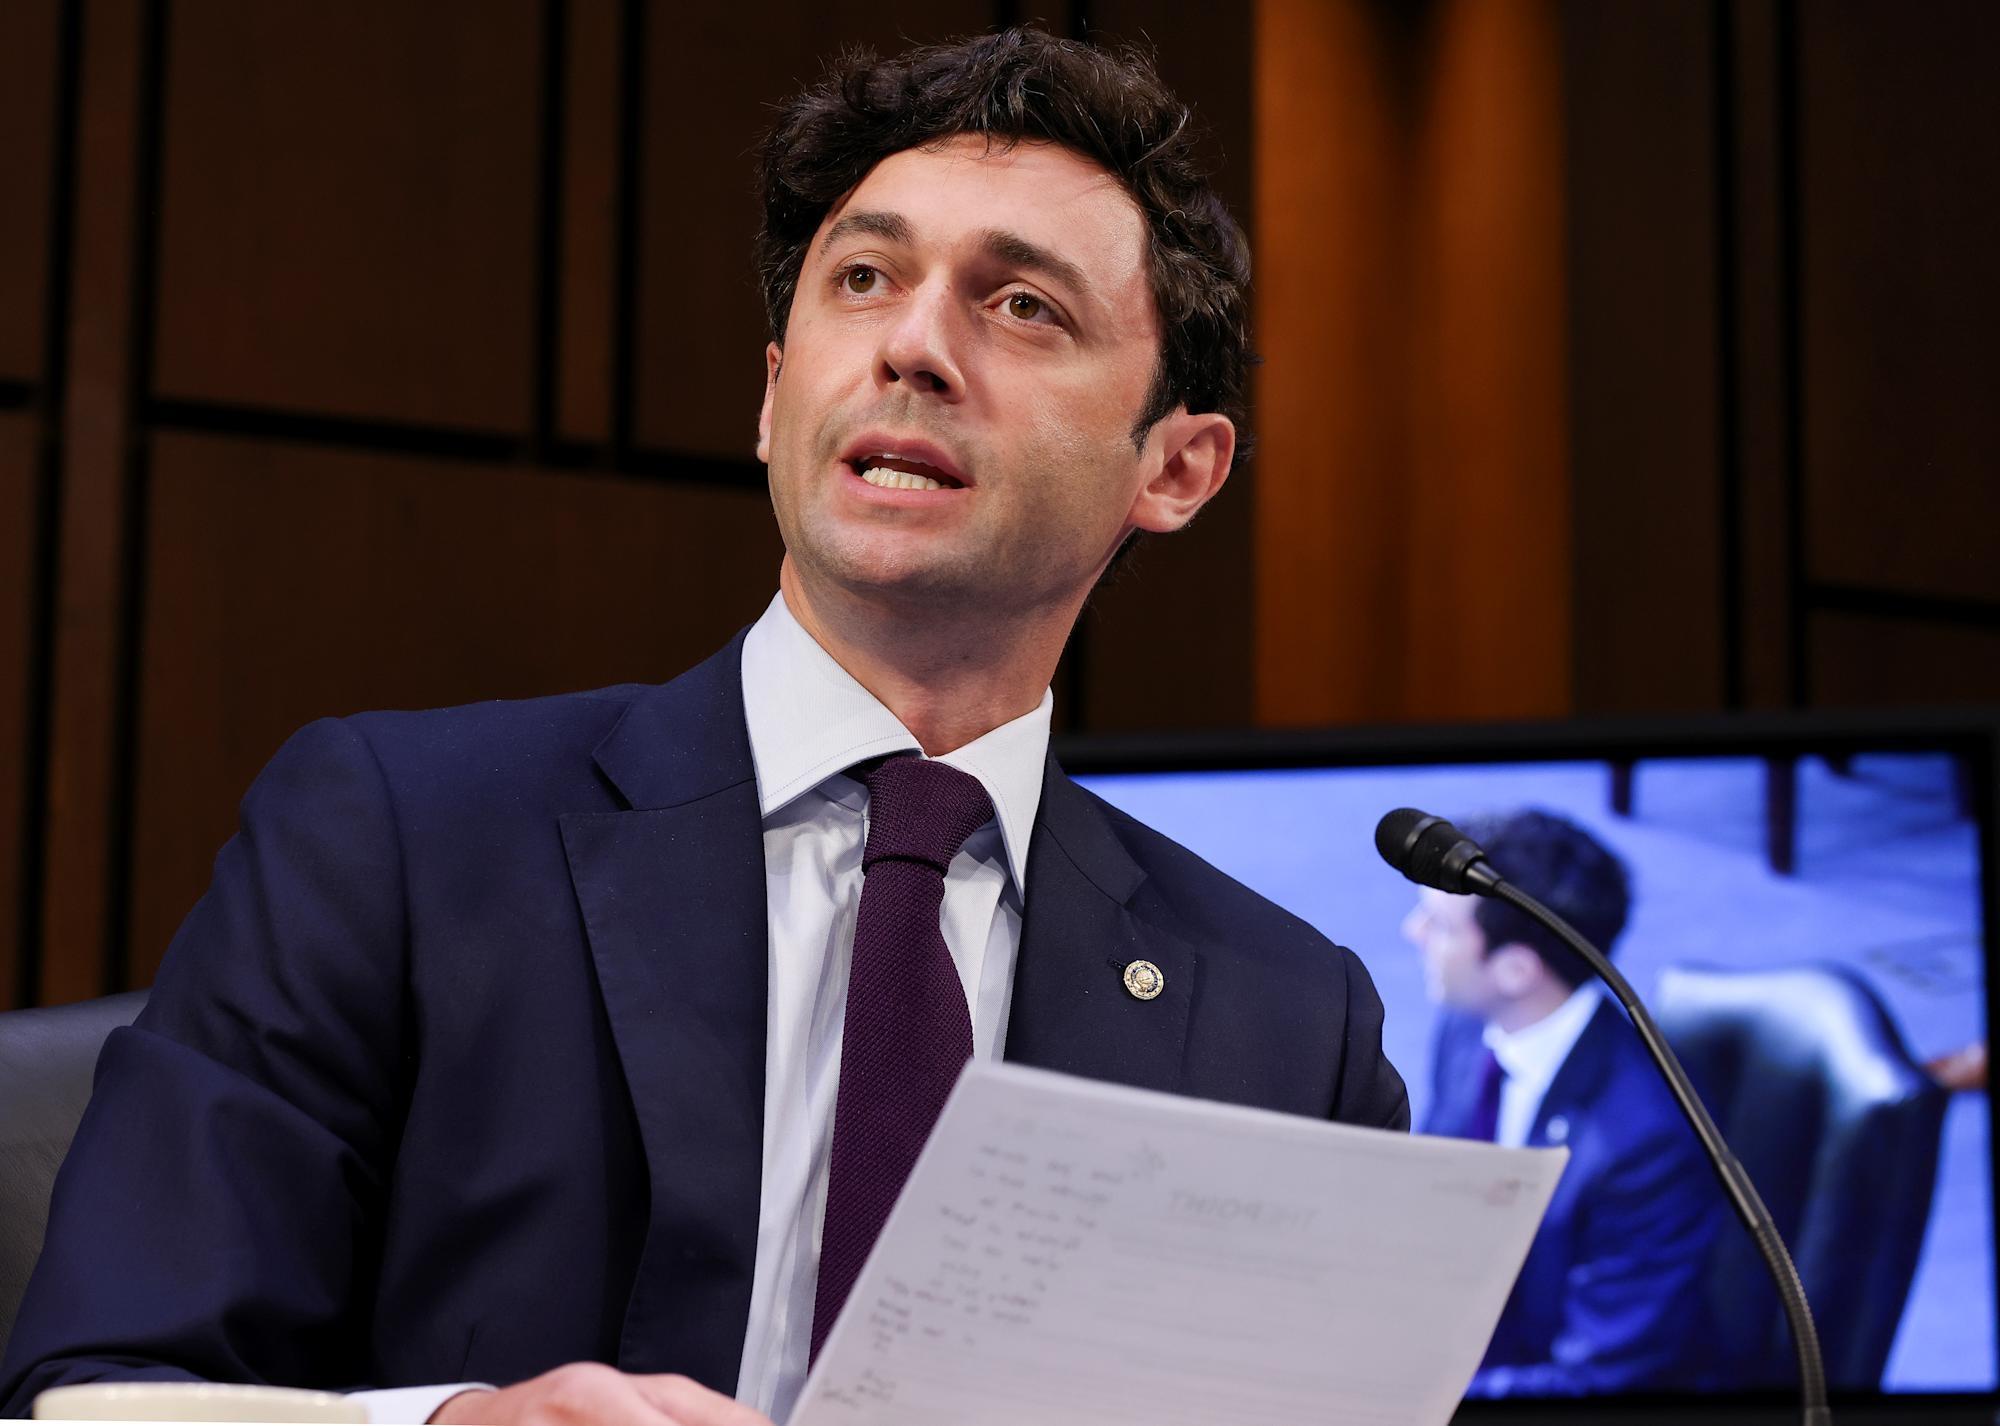 """La producción de energía limpia en Estados Unidos es """"un imperativo económico"""": senador de Georgia"""